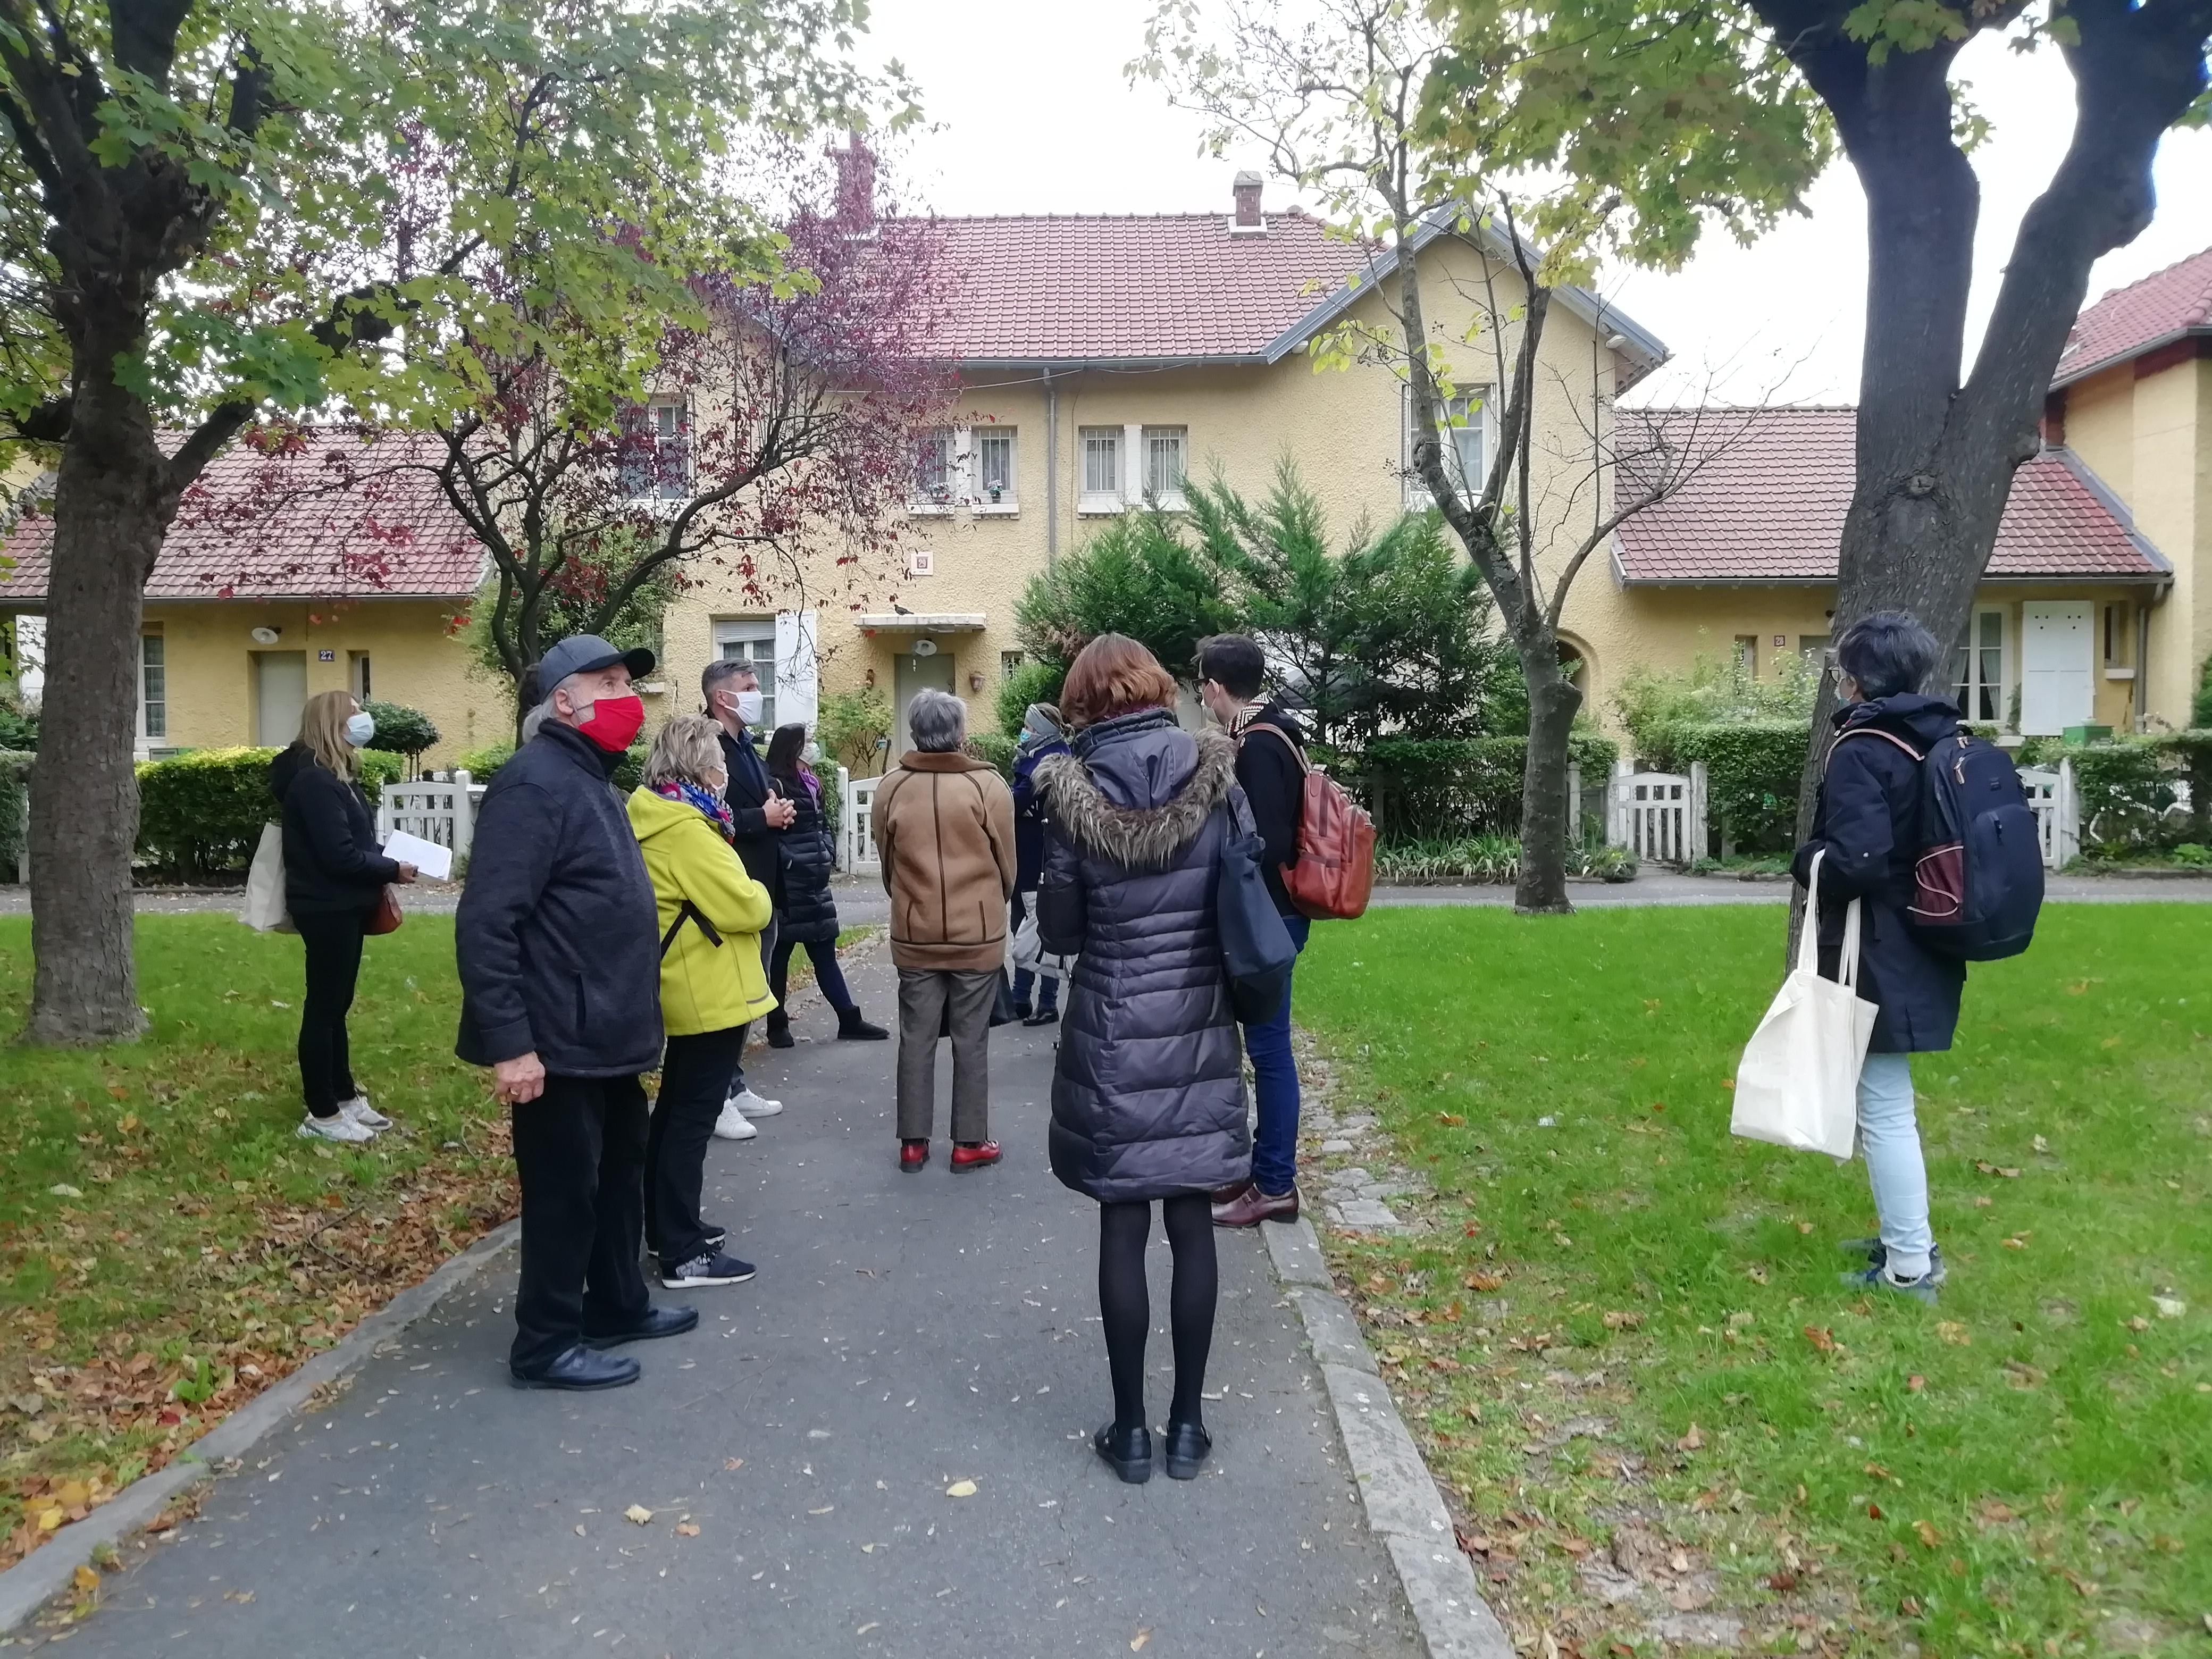 Les cités-jardins en automne / Visite de la cité-jardin de Stains